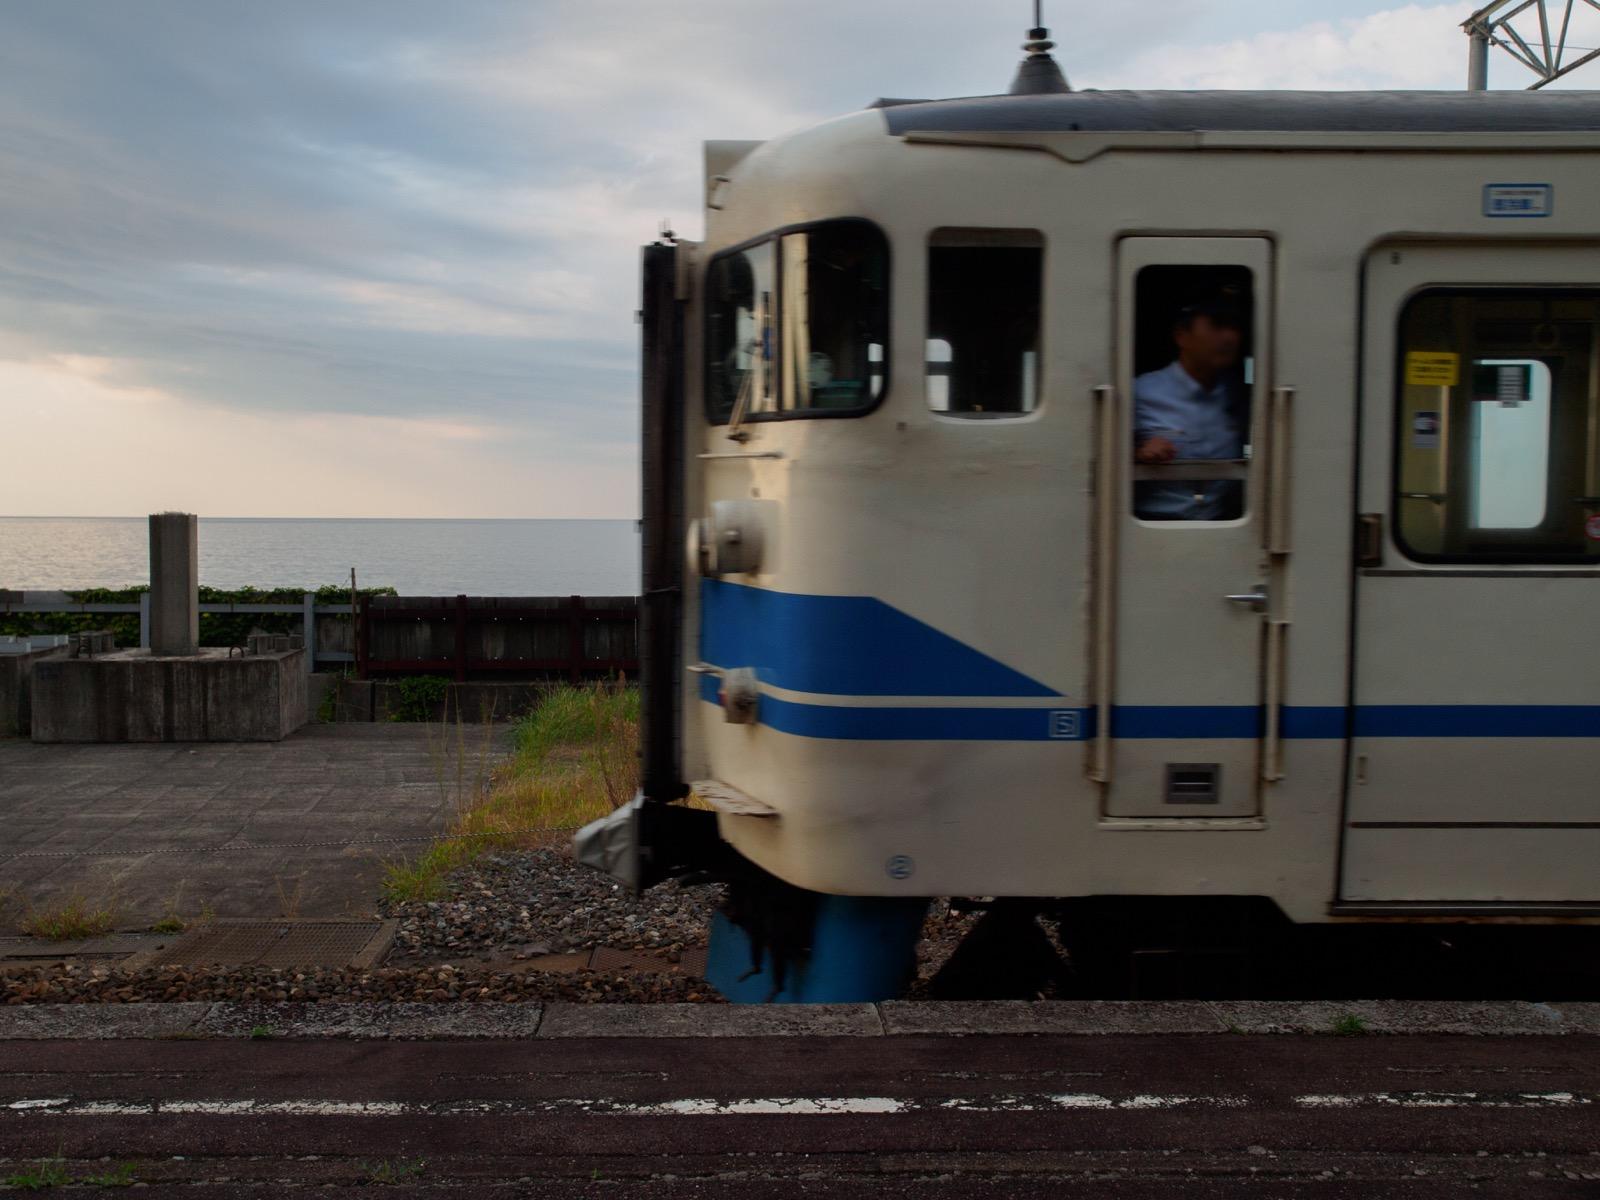 市振駅を発車する列車と日本海の水平線